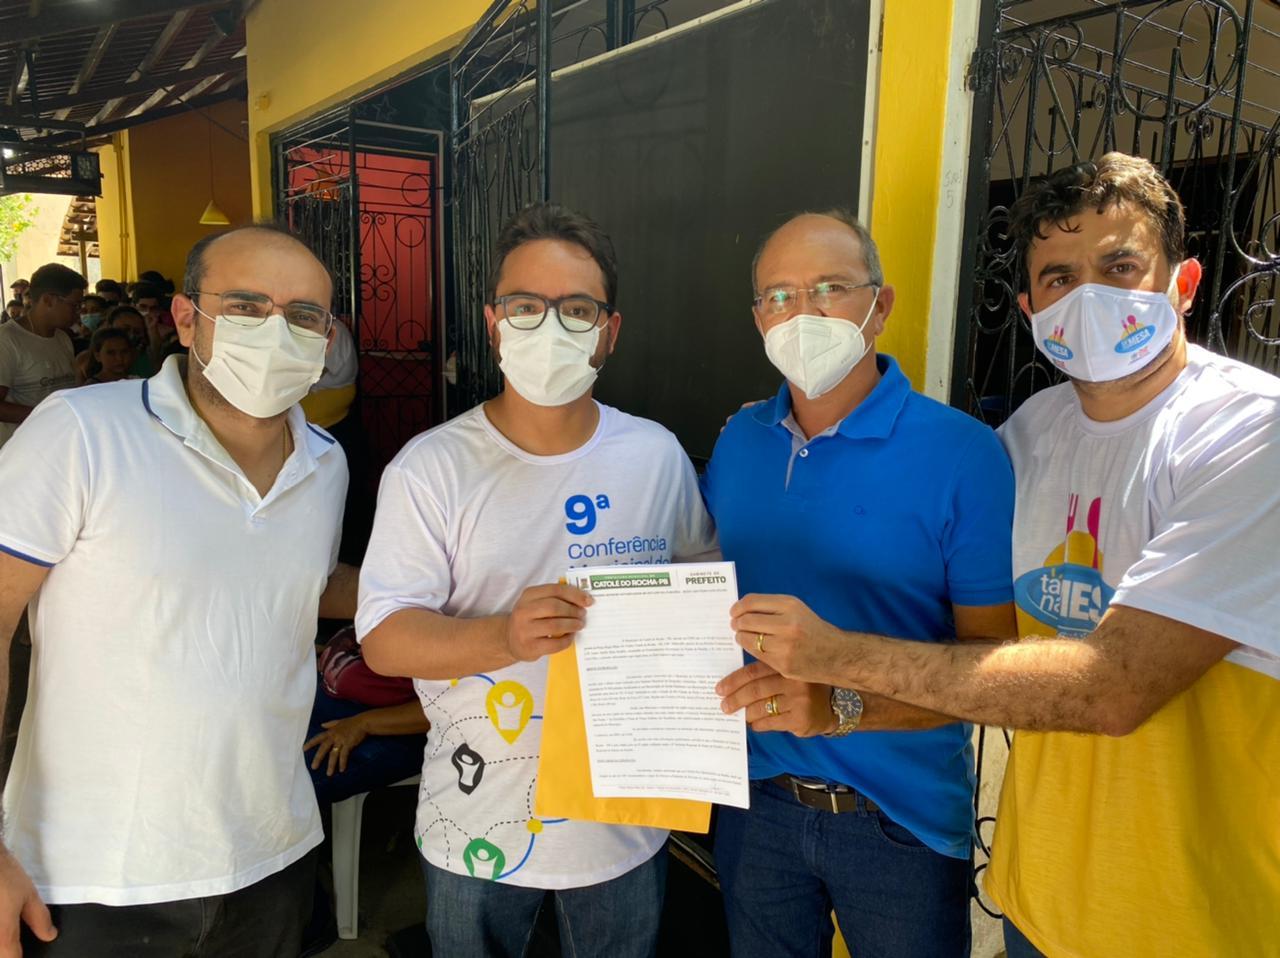 WhatsApp Image 2021 07 27 at 22.33.00 - Ao lado do prefeito de Catolé do Rocha, Jarques Lúcio entrega pedido de instalação da Casa da Cidadania no município